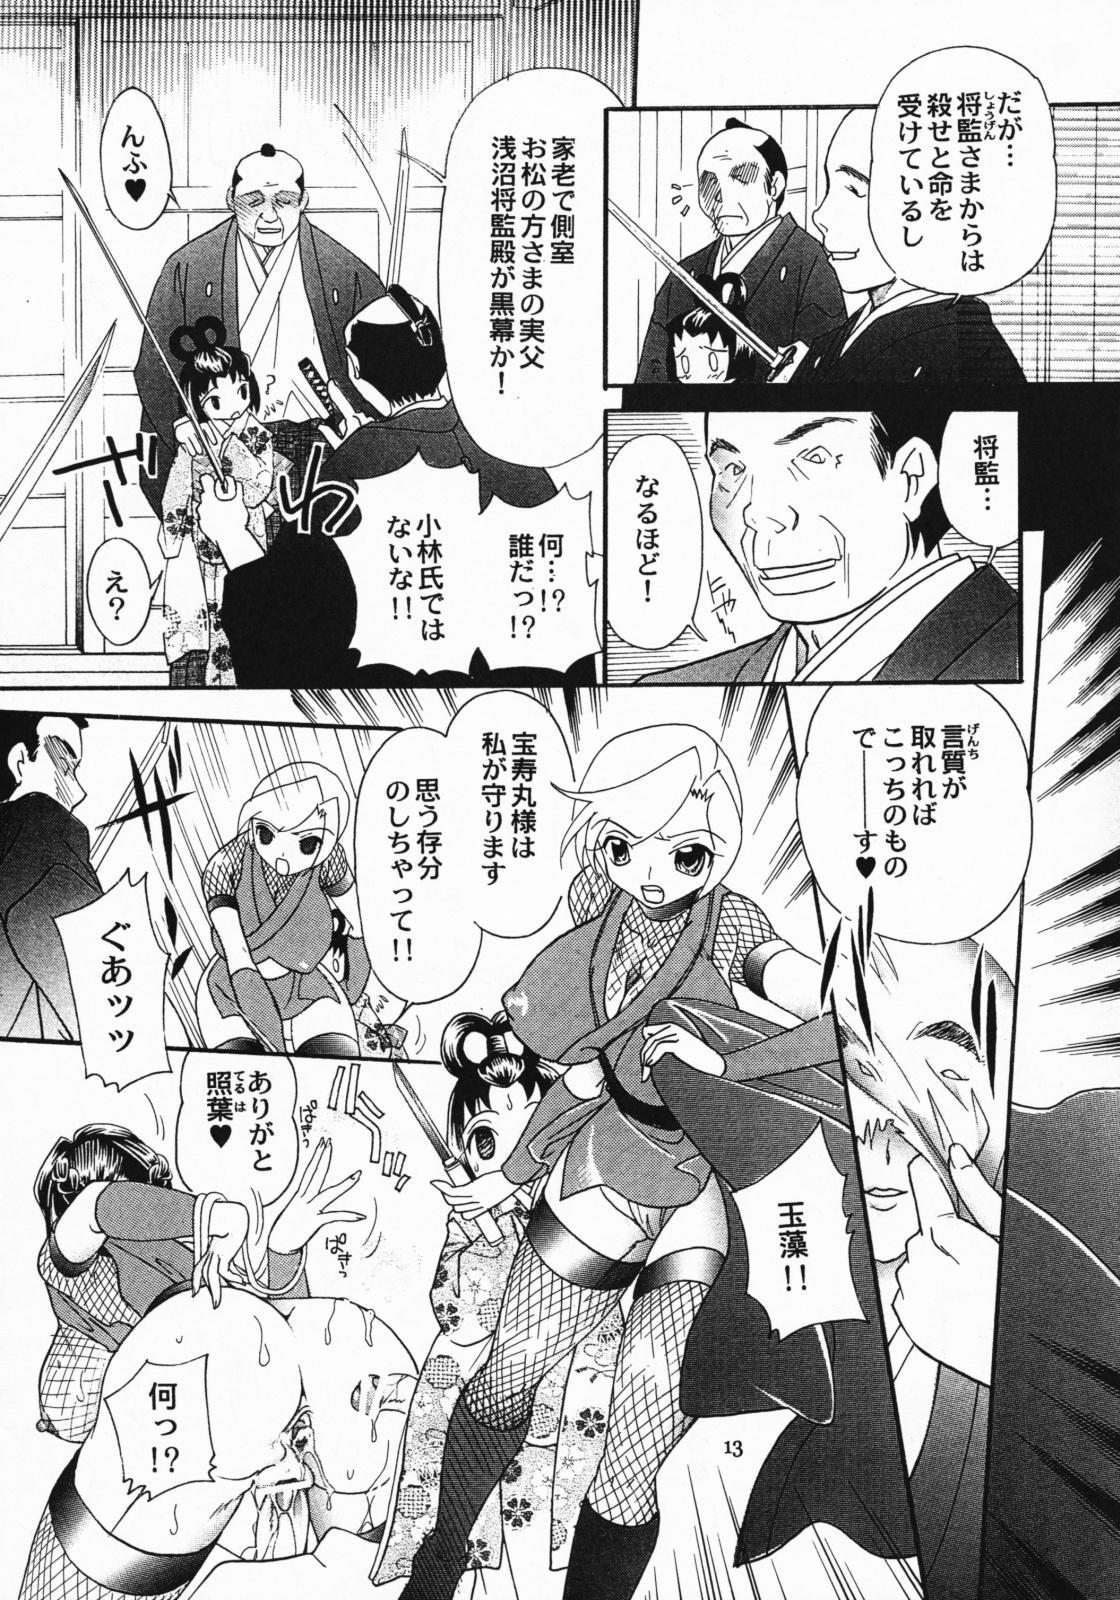 Kunoichi Gahou 3 11